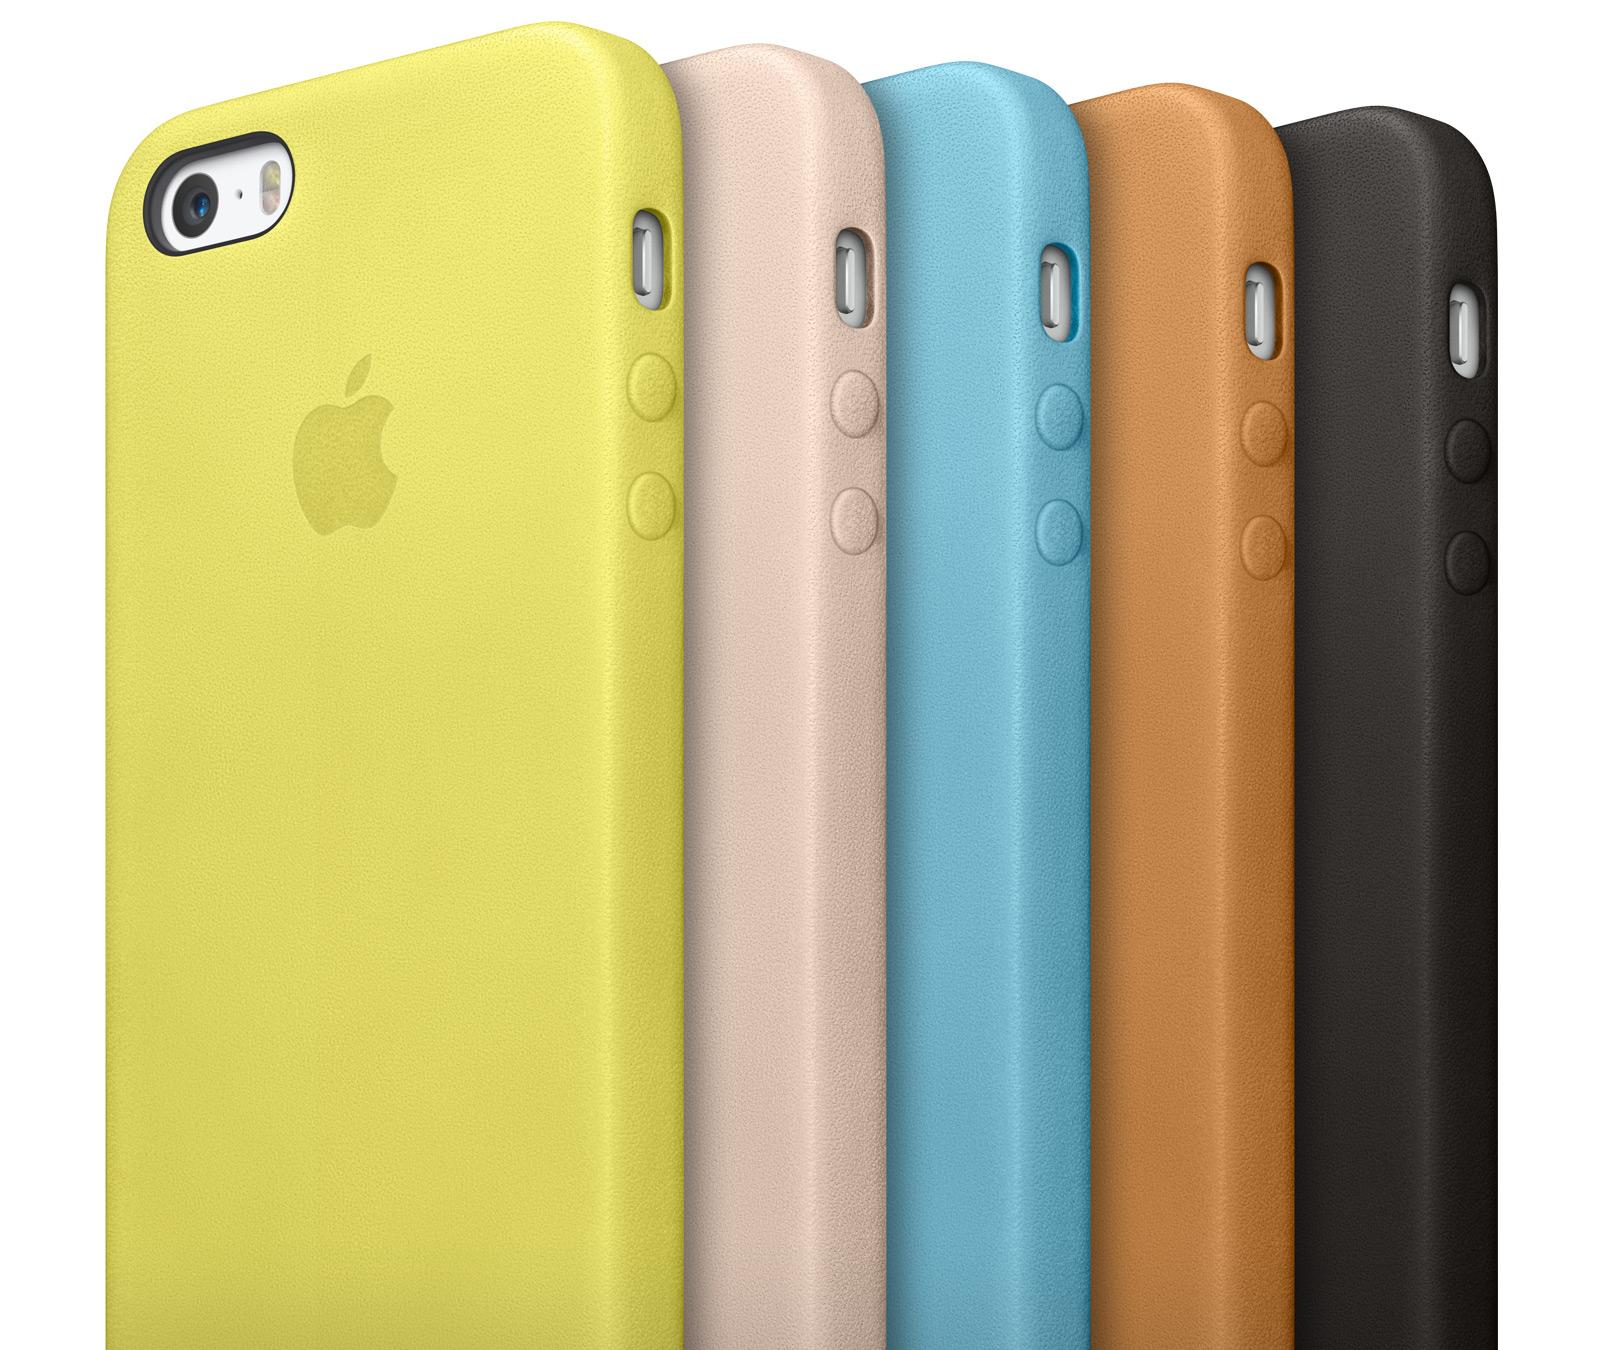 iphone-5s-kiliflari